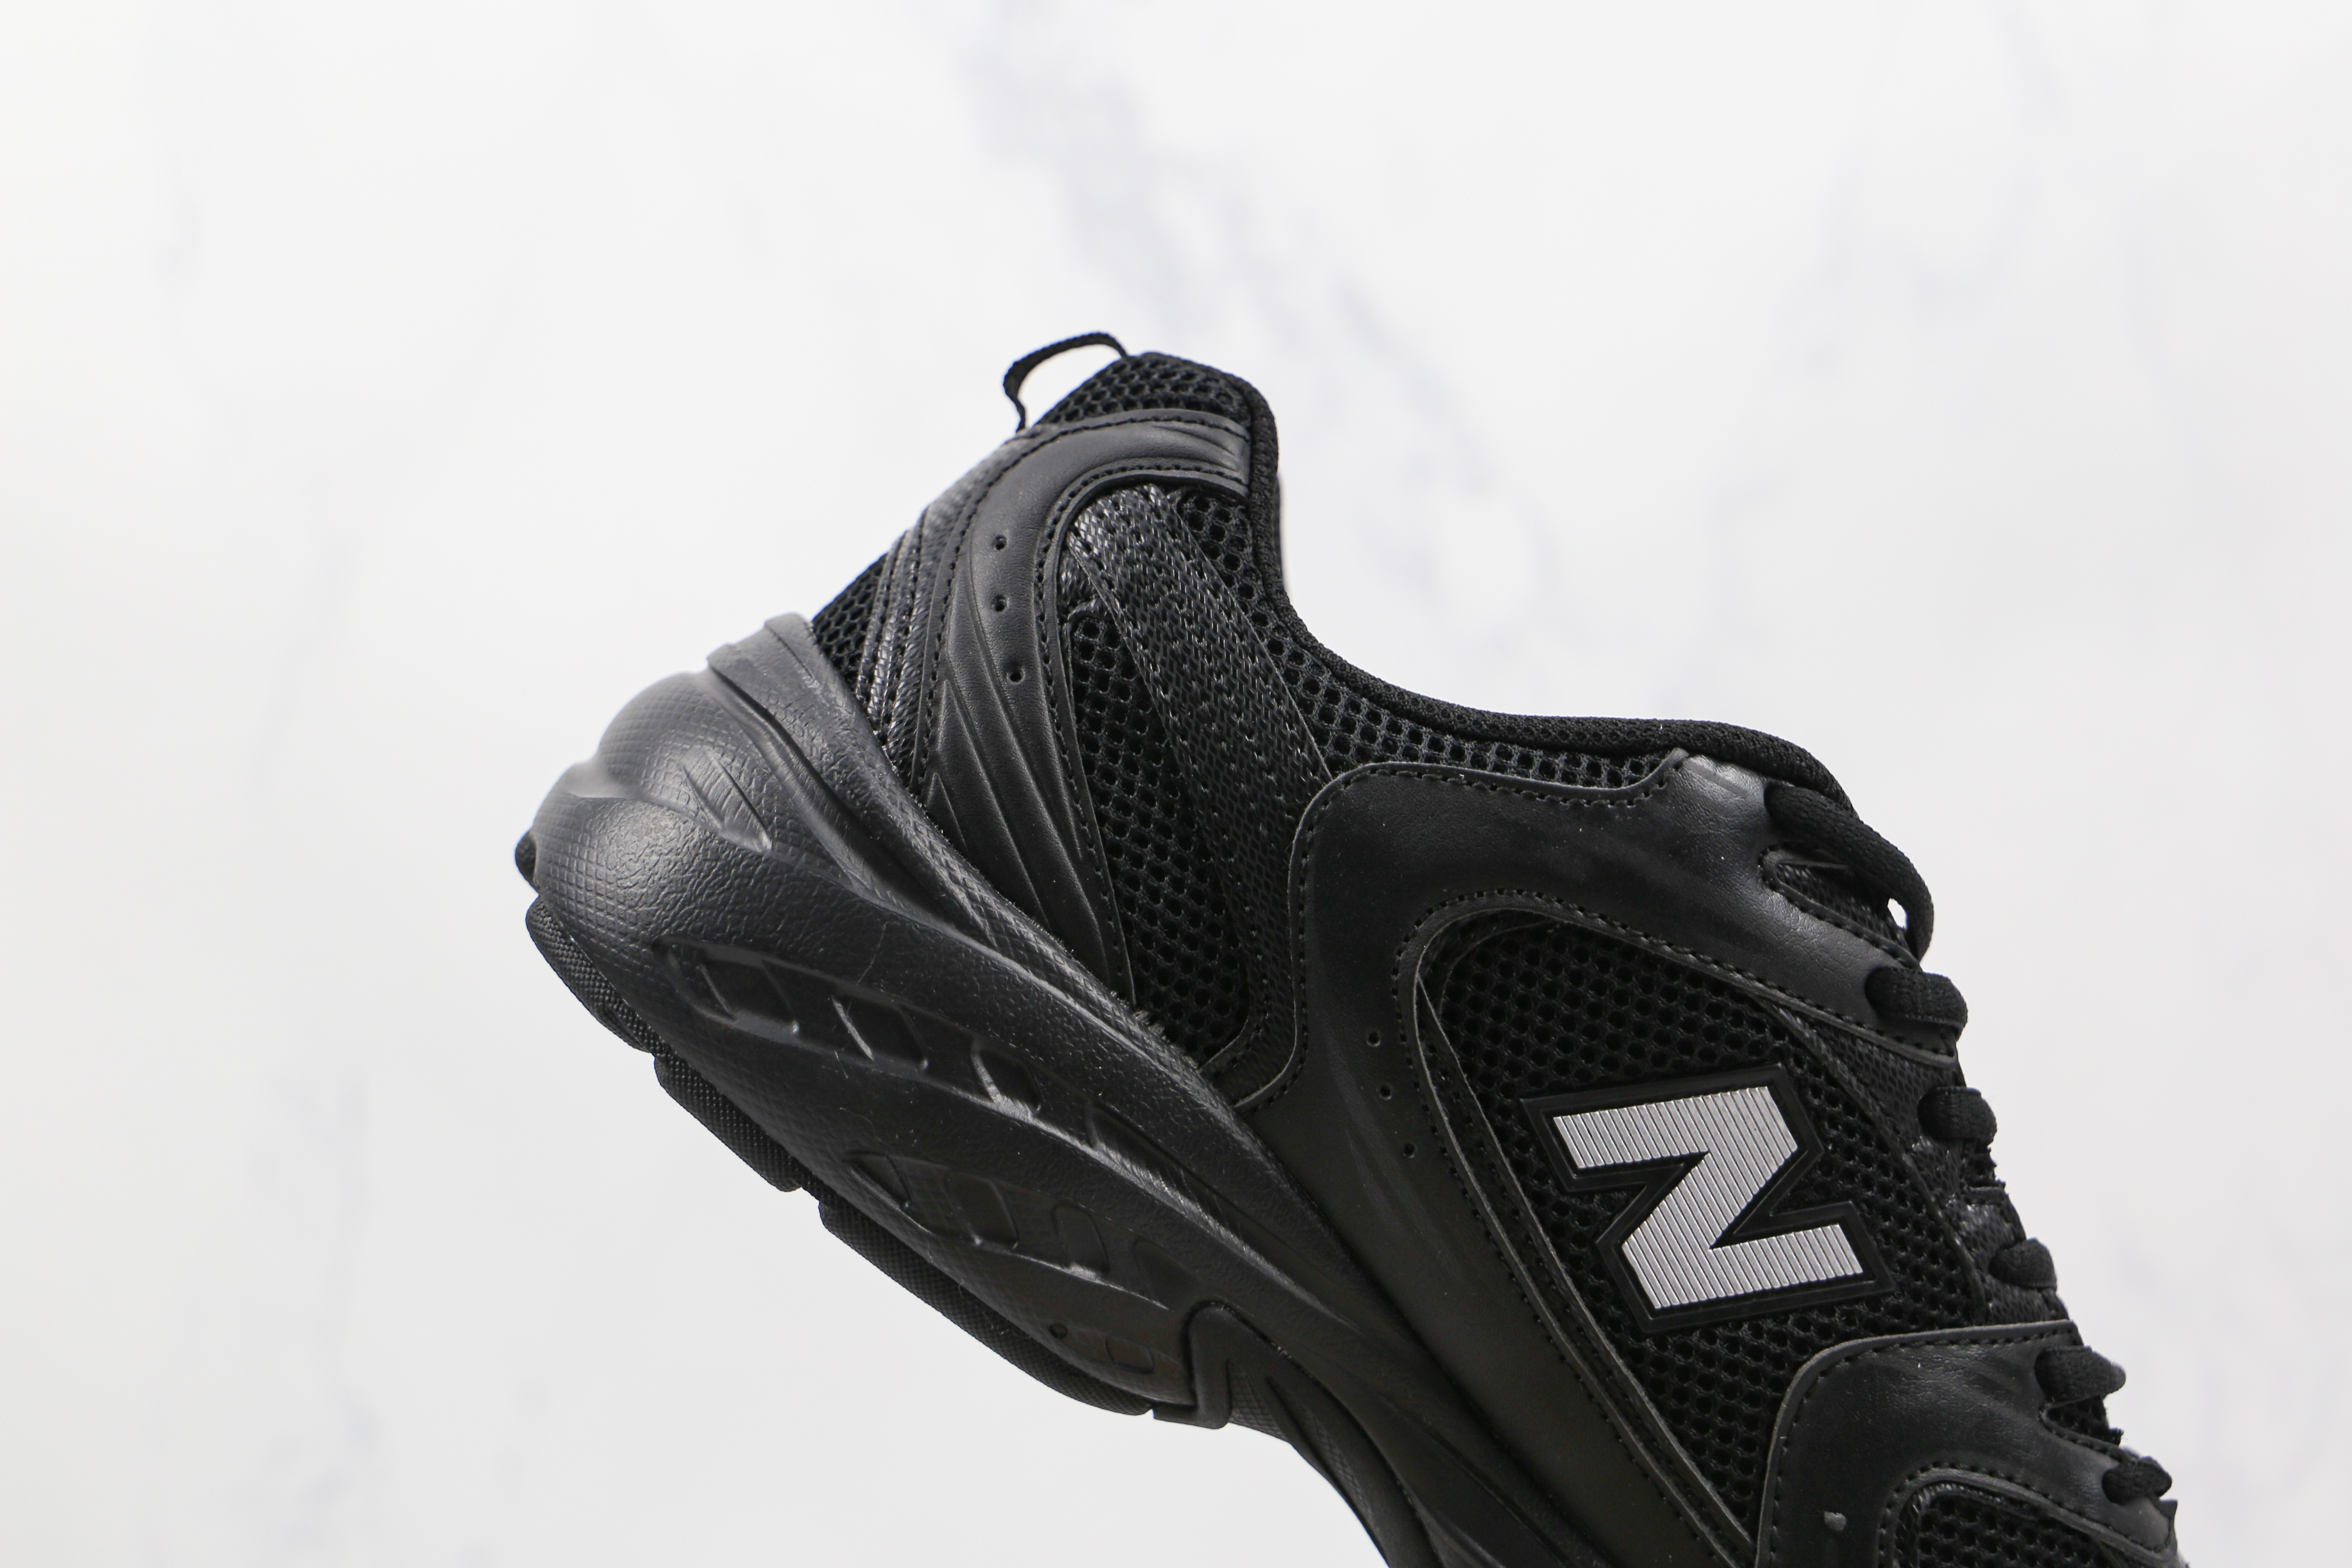 真标 NB530 网面 黑色 New Balance 530复古跑鞋 货号:MR530FB1 小红书爆款NB530       M23-5